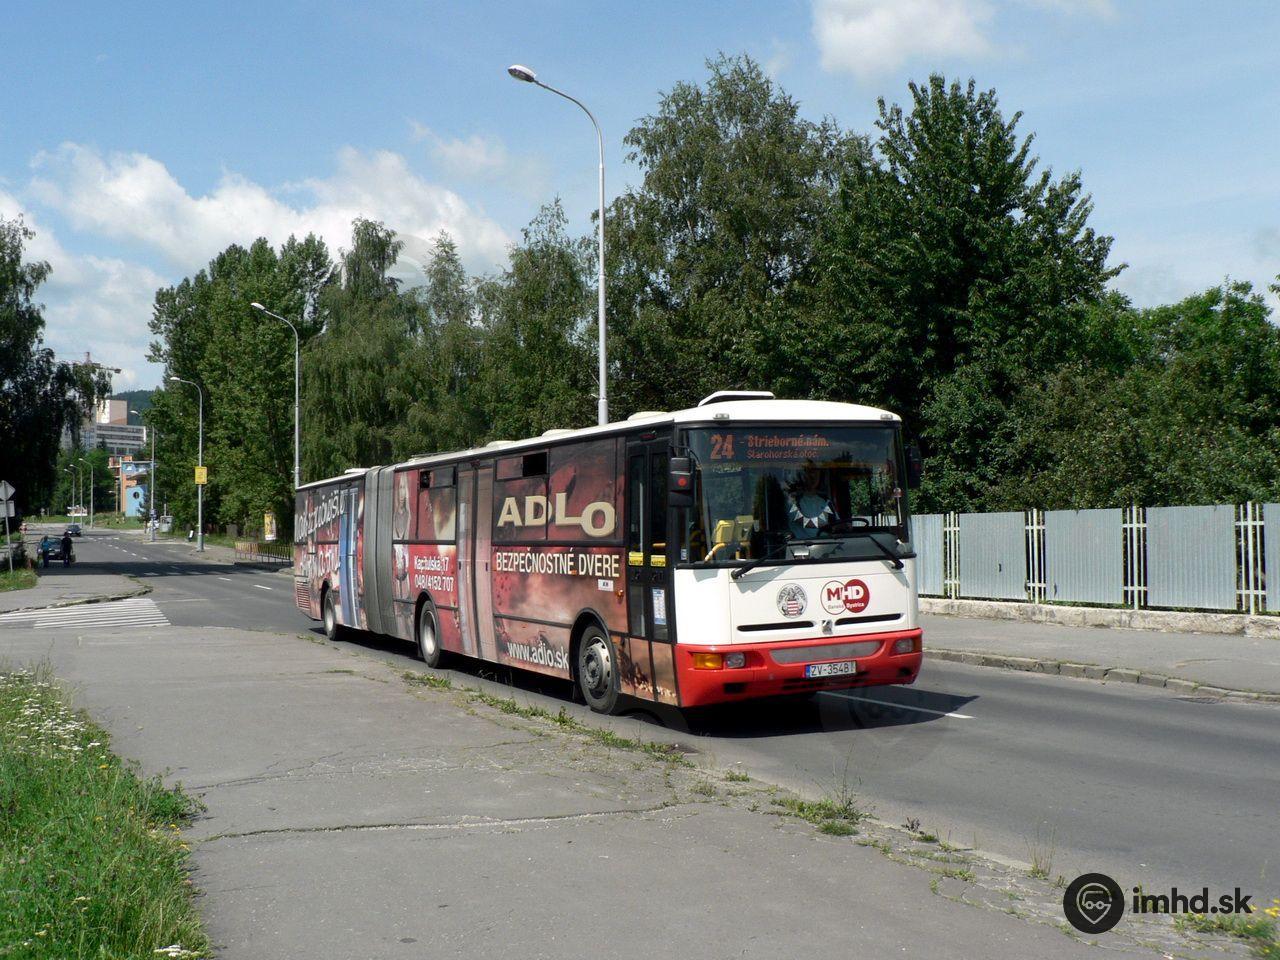 a158b2d054 Adlo-bus na Okružnej • imhd.sk Banská Bystrica